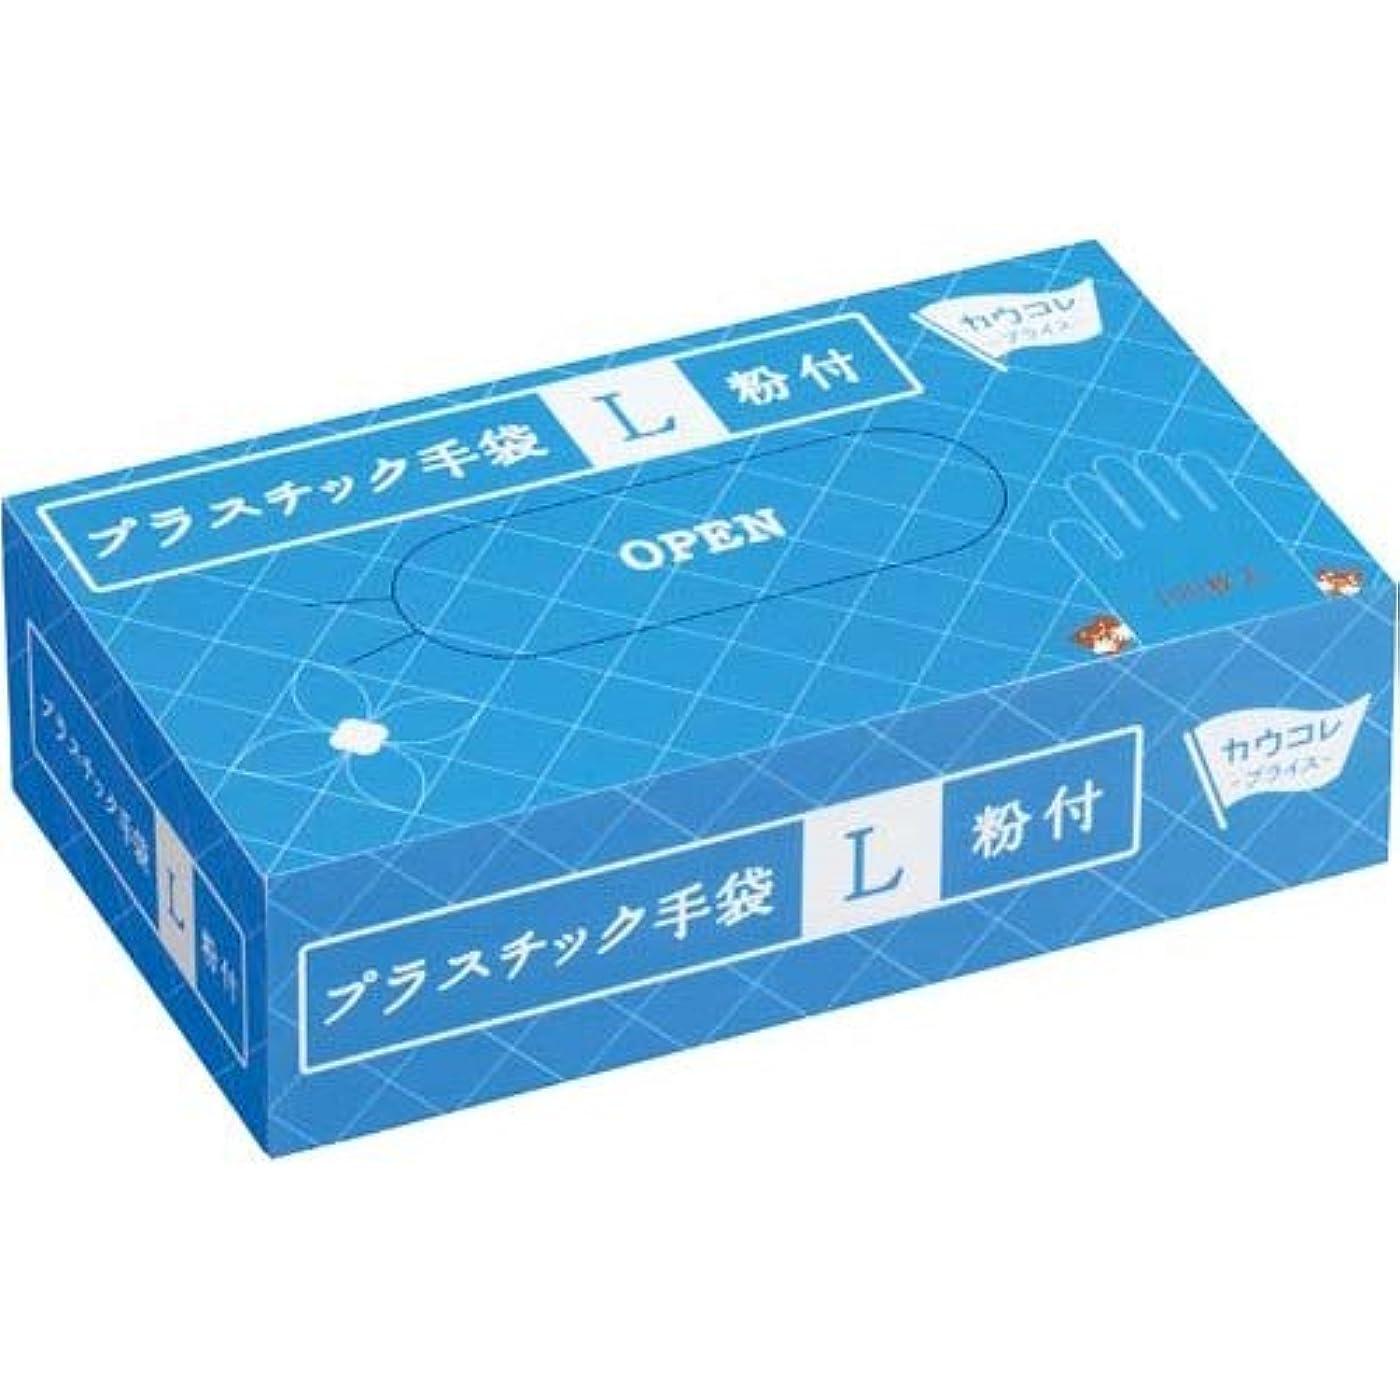 タオルナイトスポット塊カウネット プラスチック手袋 粉付L 100枚入×10